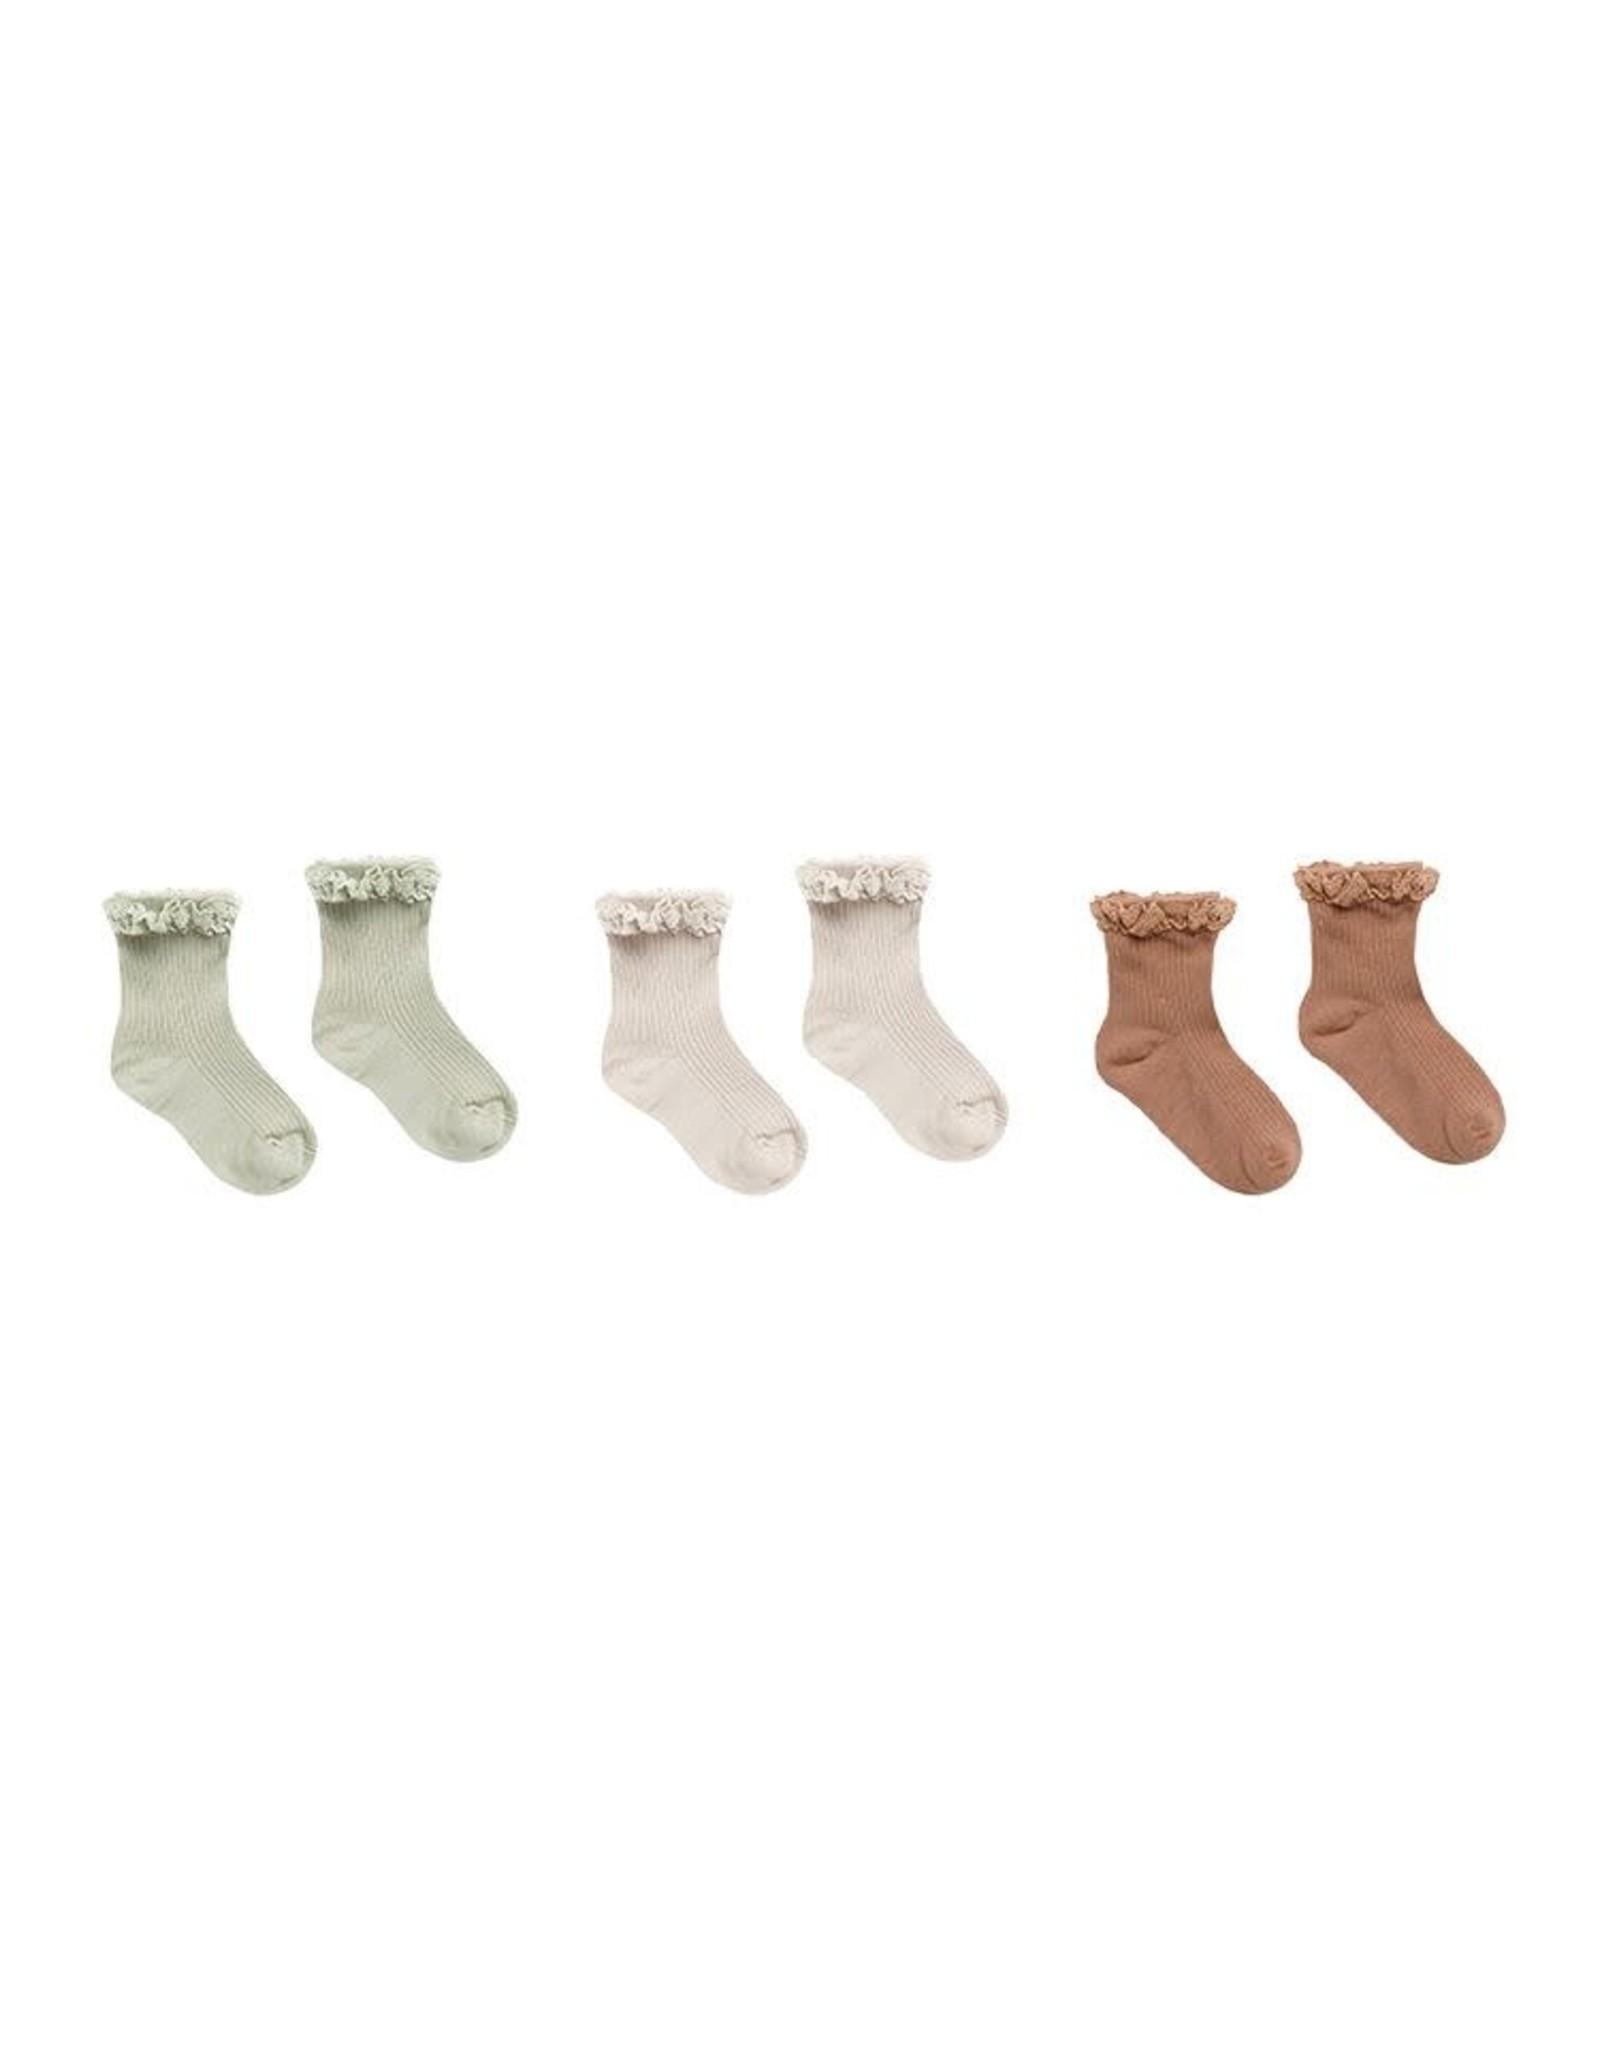 Rylee & Cru Rylee & Cru Ruffle Socks Sage, Shell, Terracota